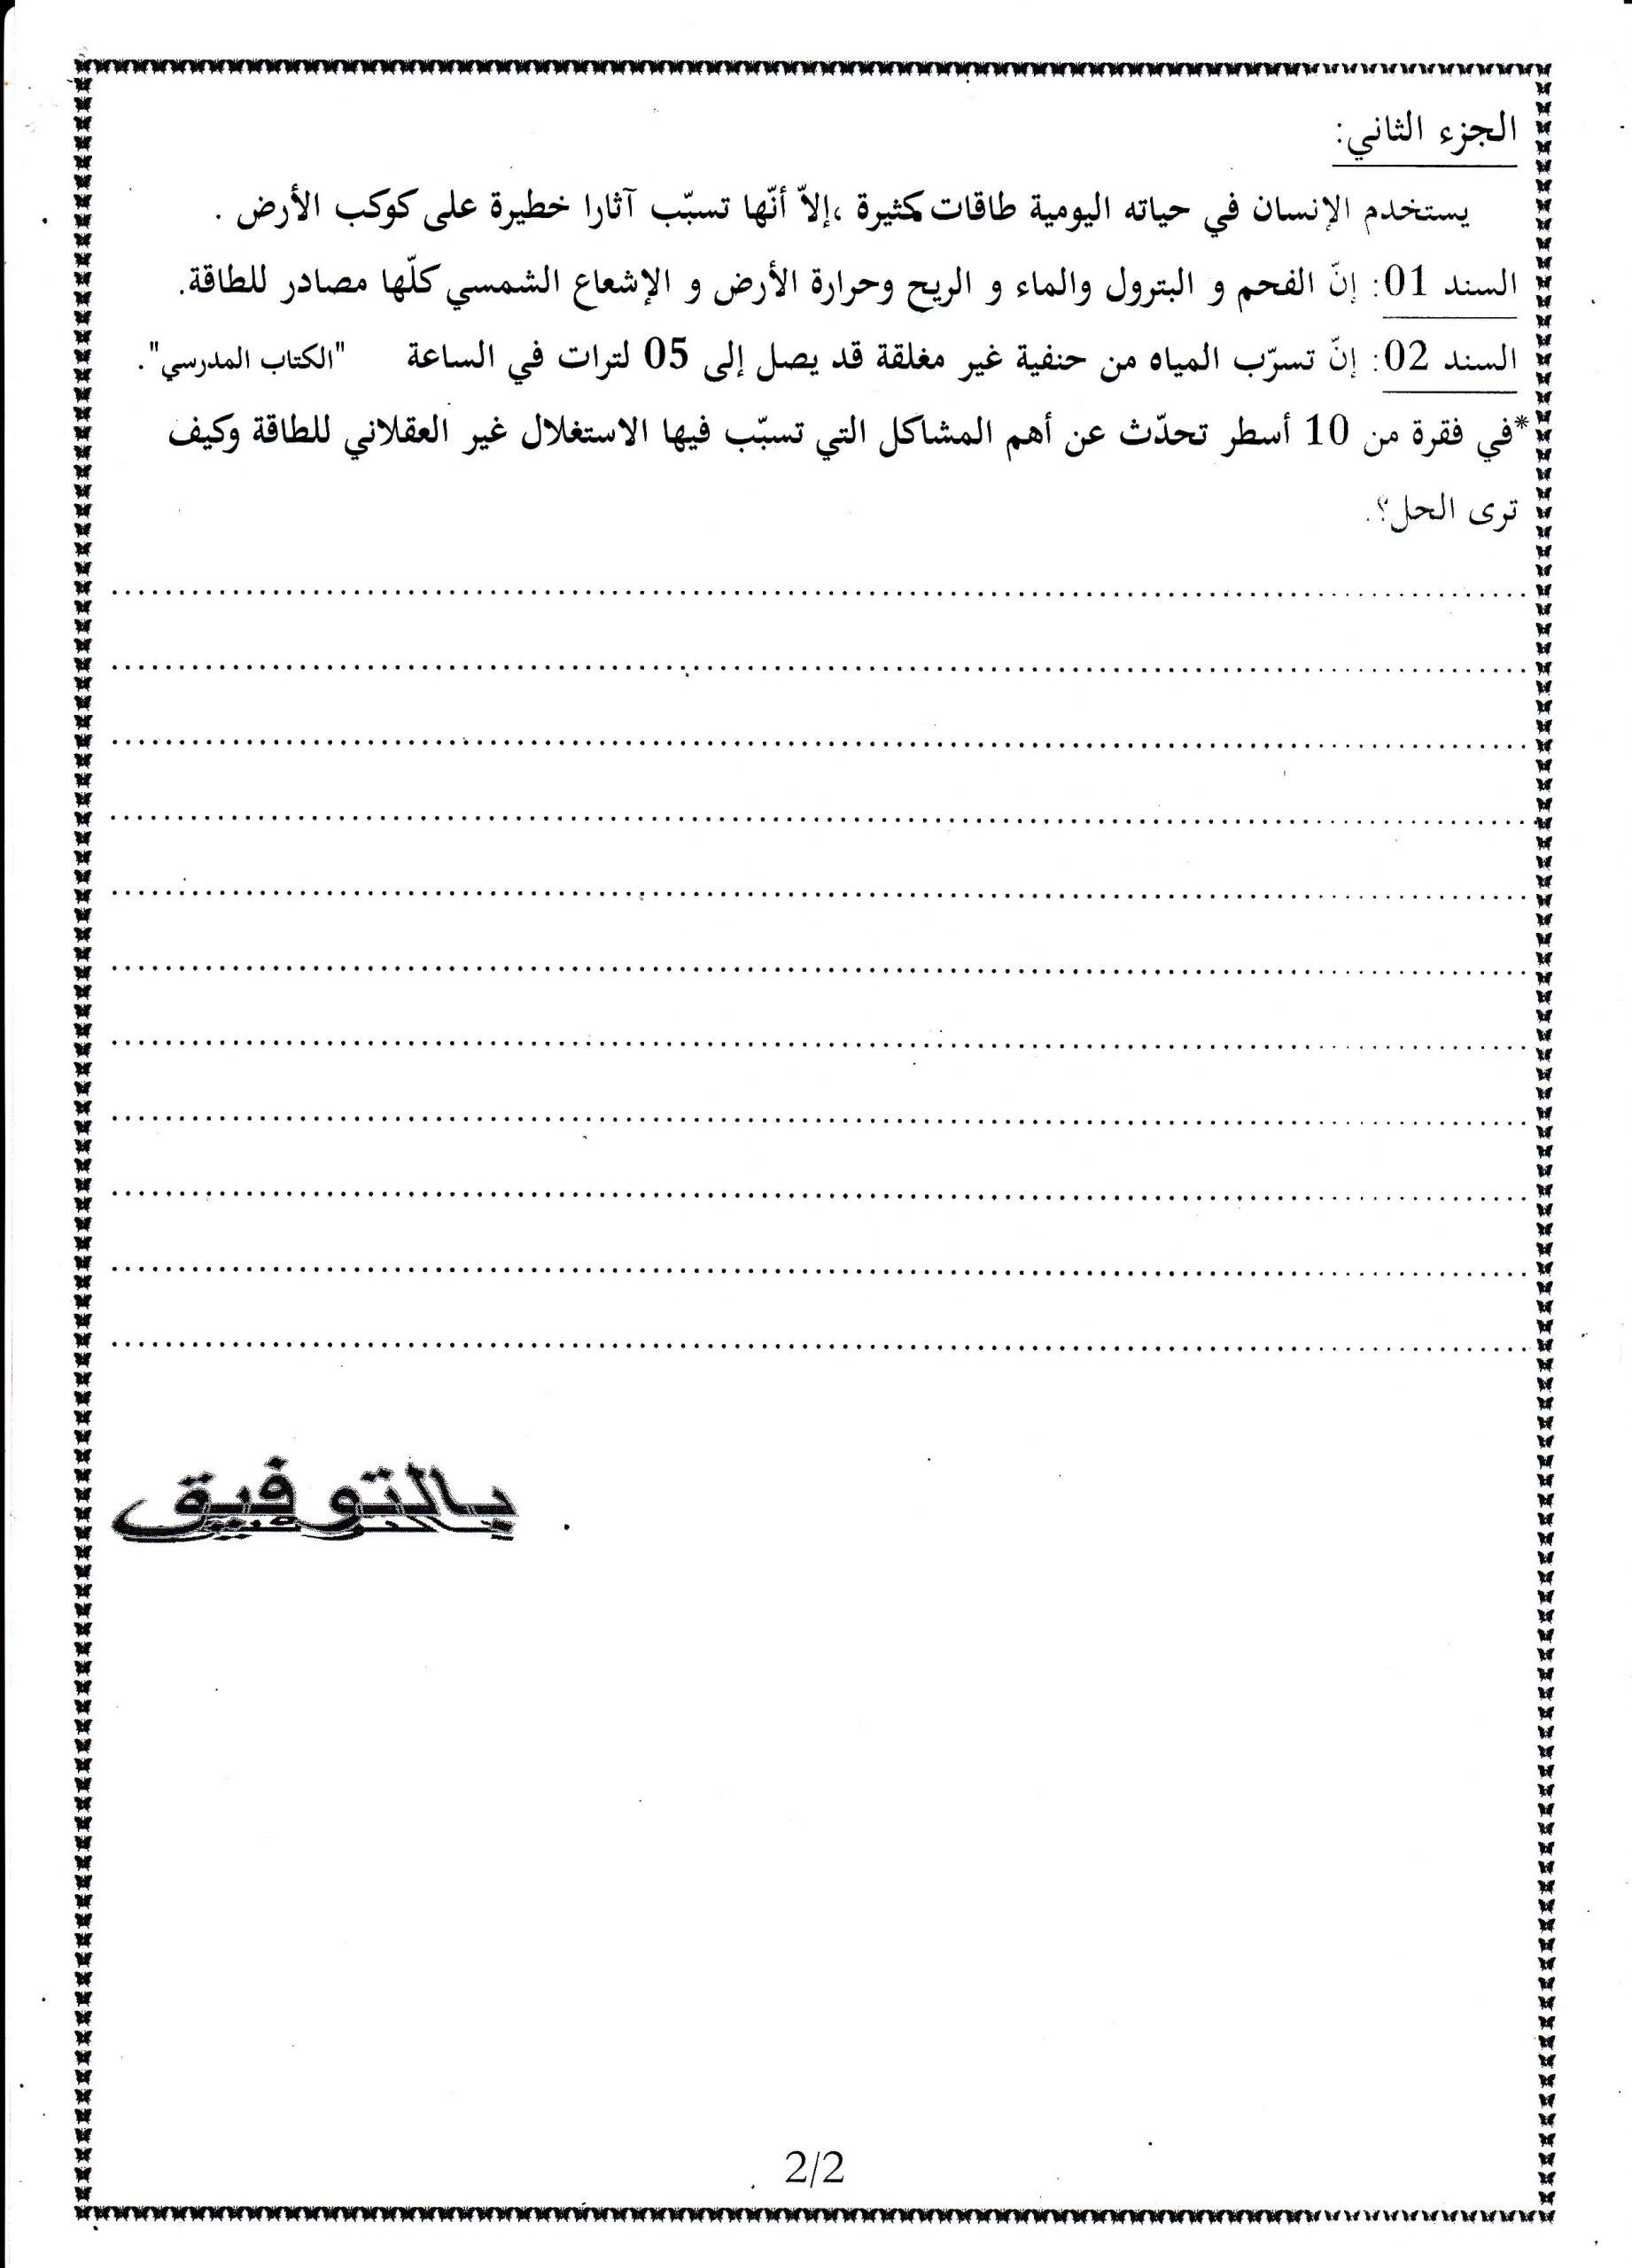 اختبار الفصل الثالث في التربية المدنية السنة الثالثة متوسط | الموضوع 02